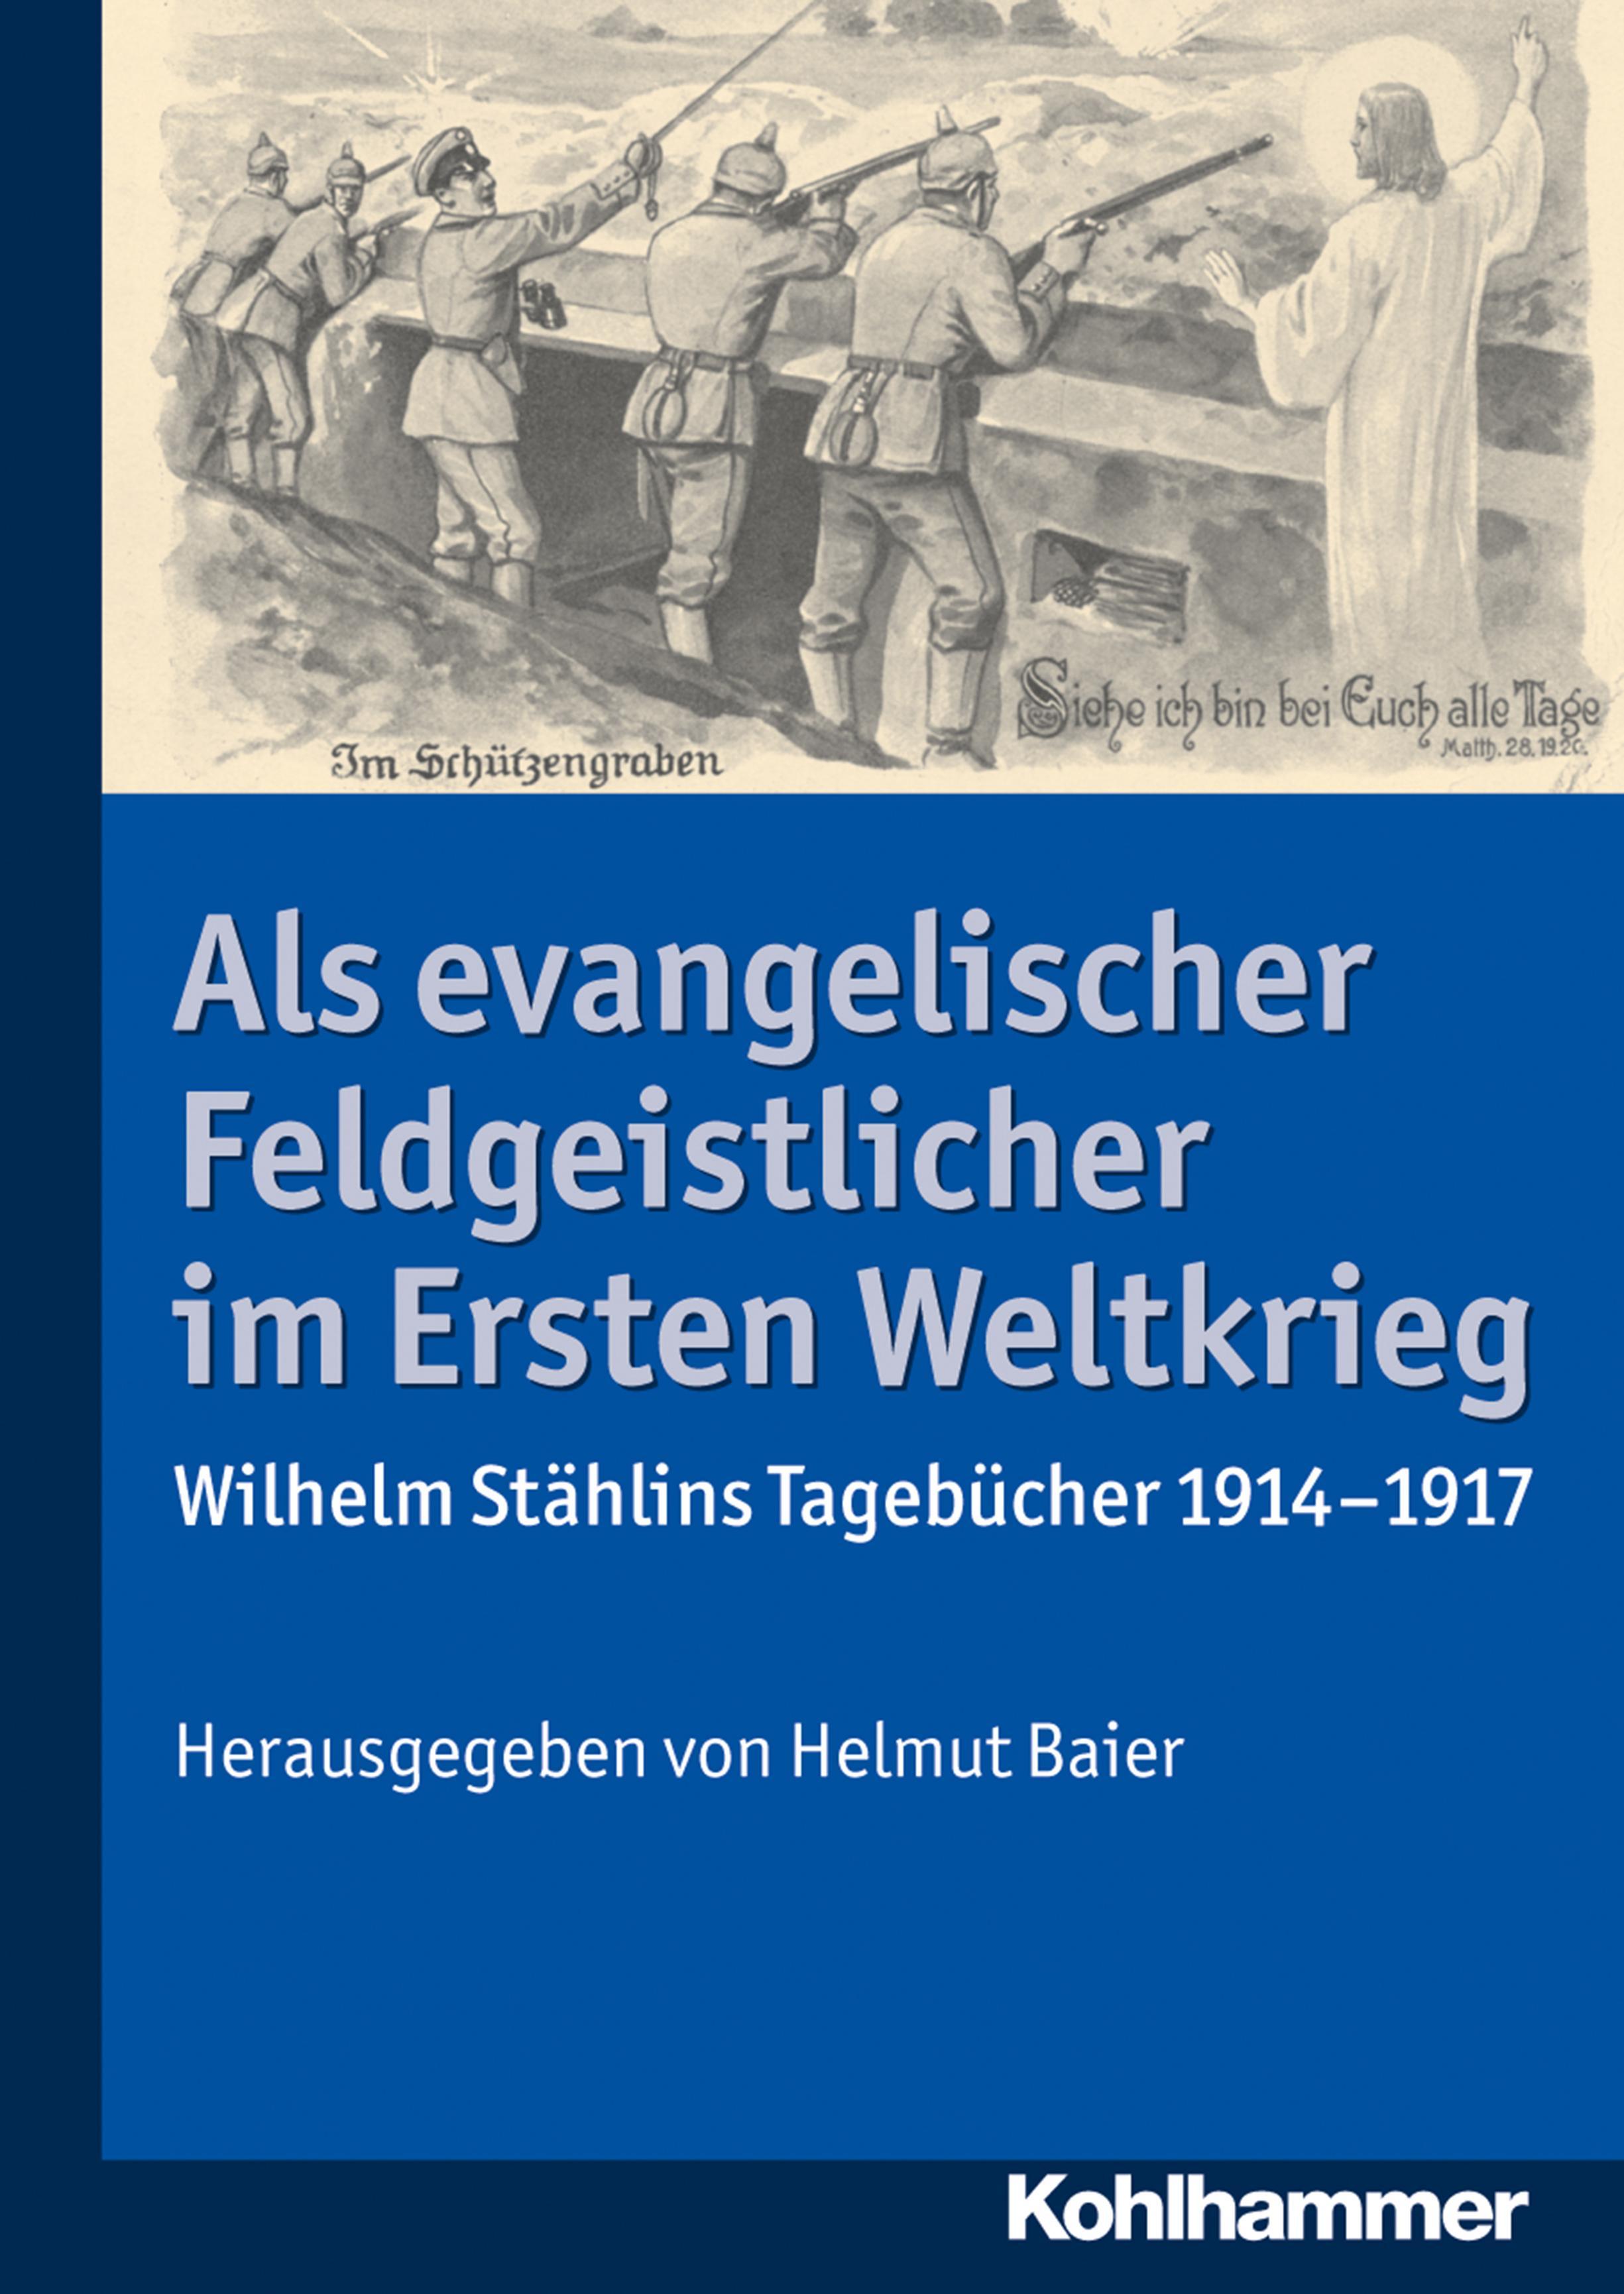 Als-evangelischer-Feldgeistlicher-im-Ersten-Weltkrieg-Helmut-Baier-9783170298286